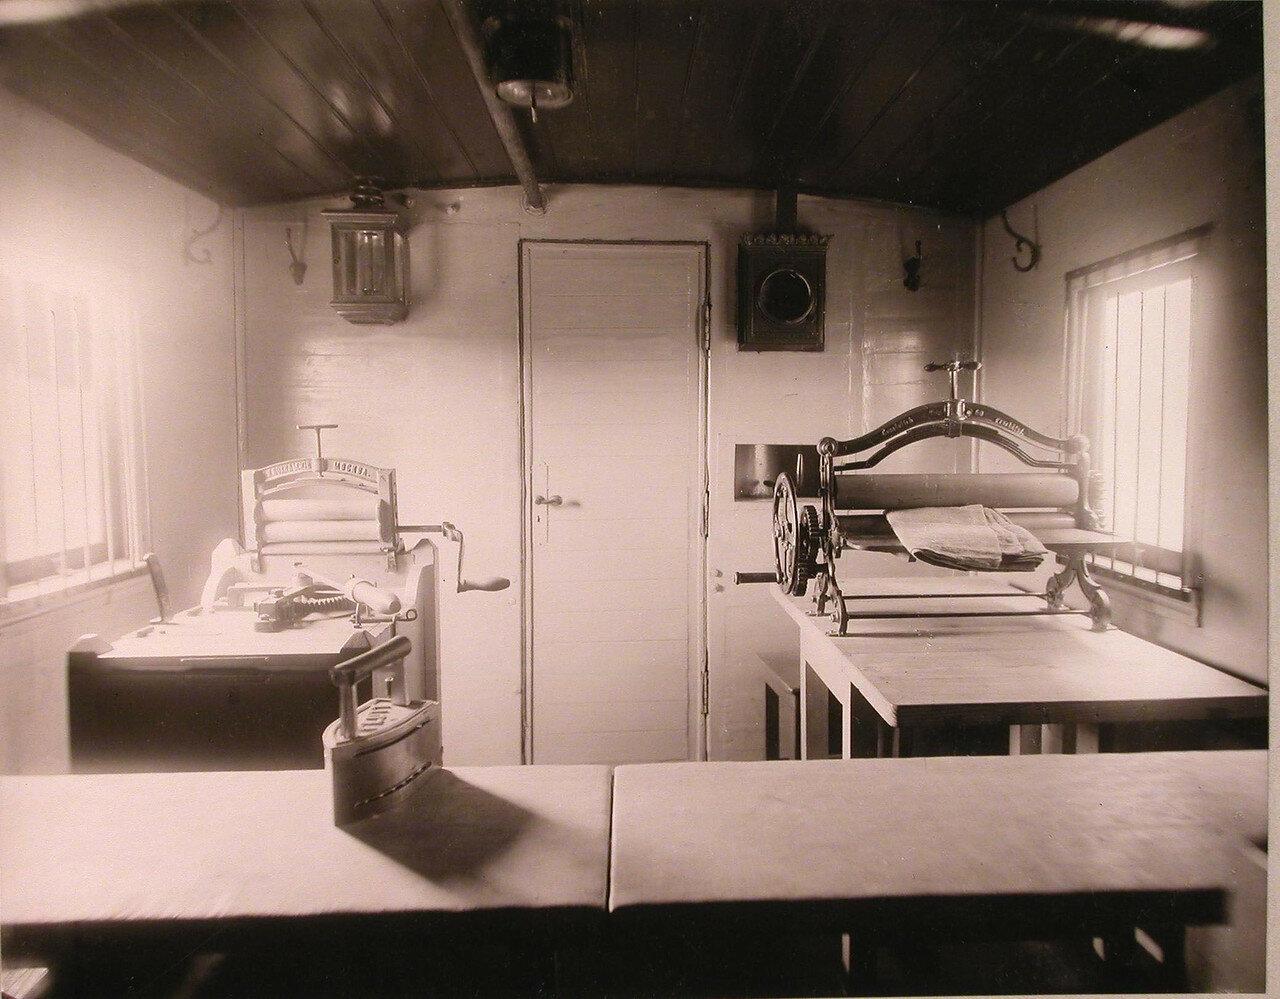 09. Внутренний вид вагона поезда, оборудованного под кладовую для белья и его глаженье